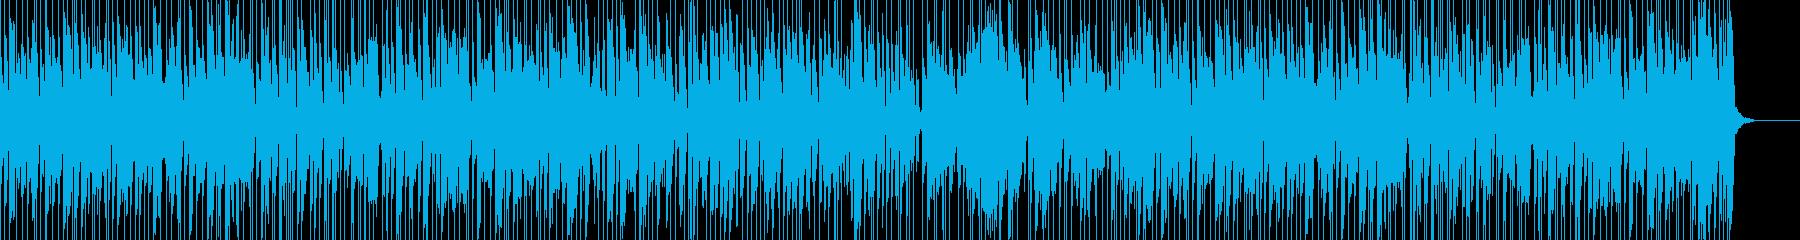 お洒落でキャッチーなジャズピアノトリオ6の再生済みの波形